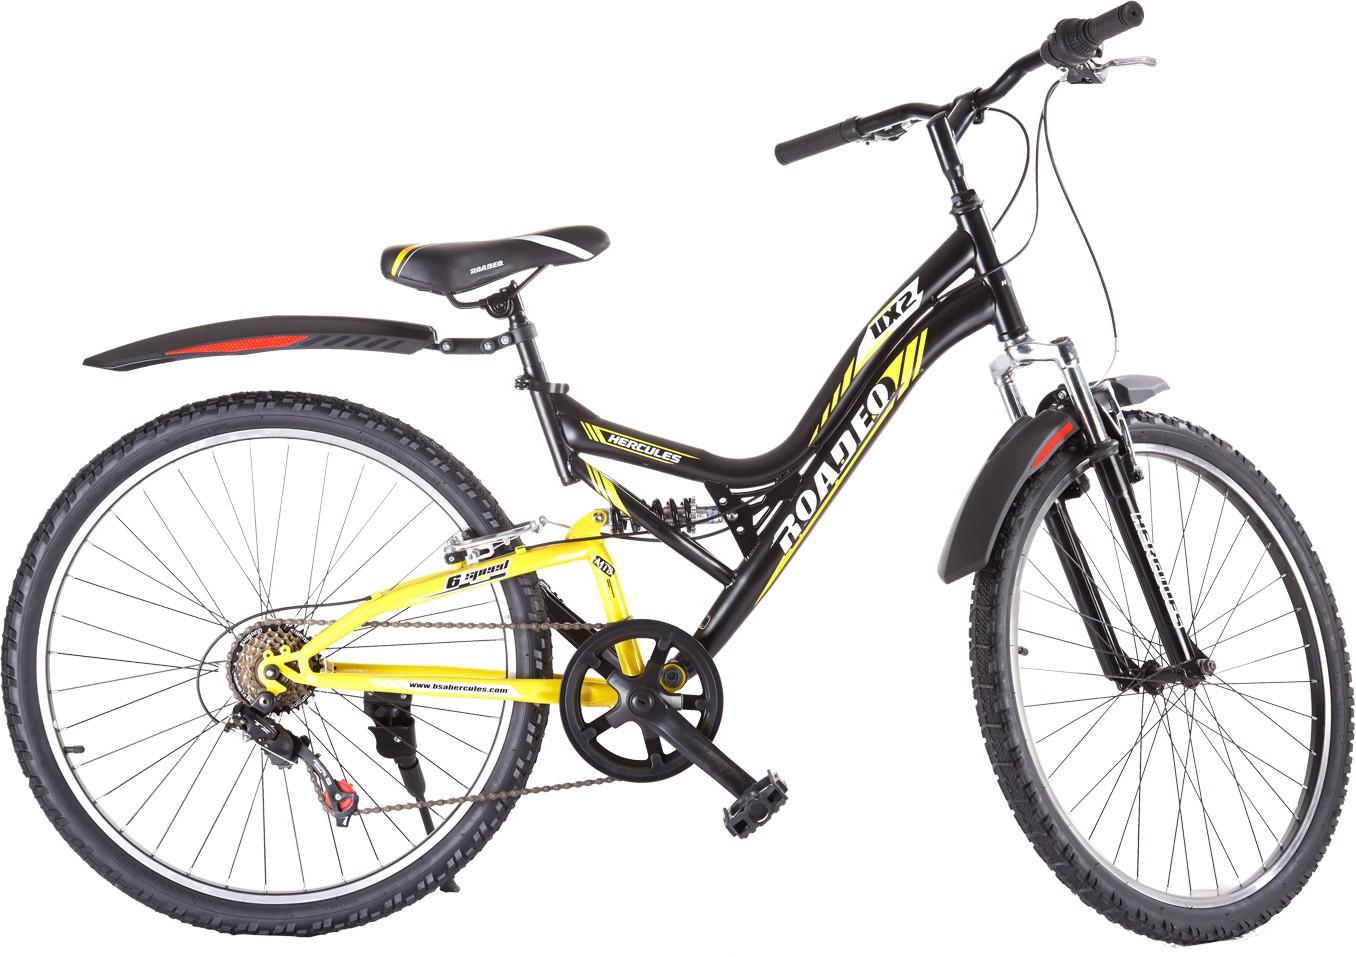 Hercules Roadeo Ux2 1fg204u A Road Cycle Black